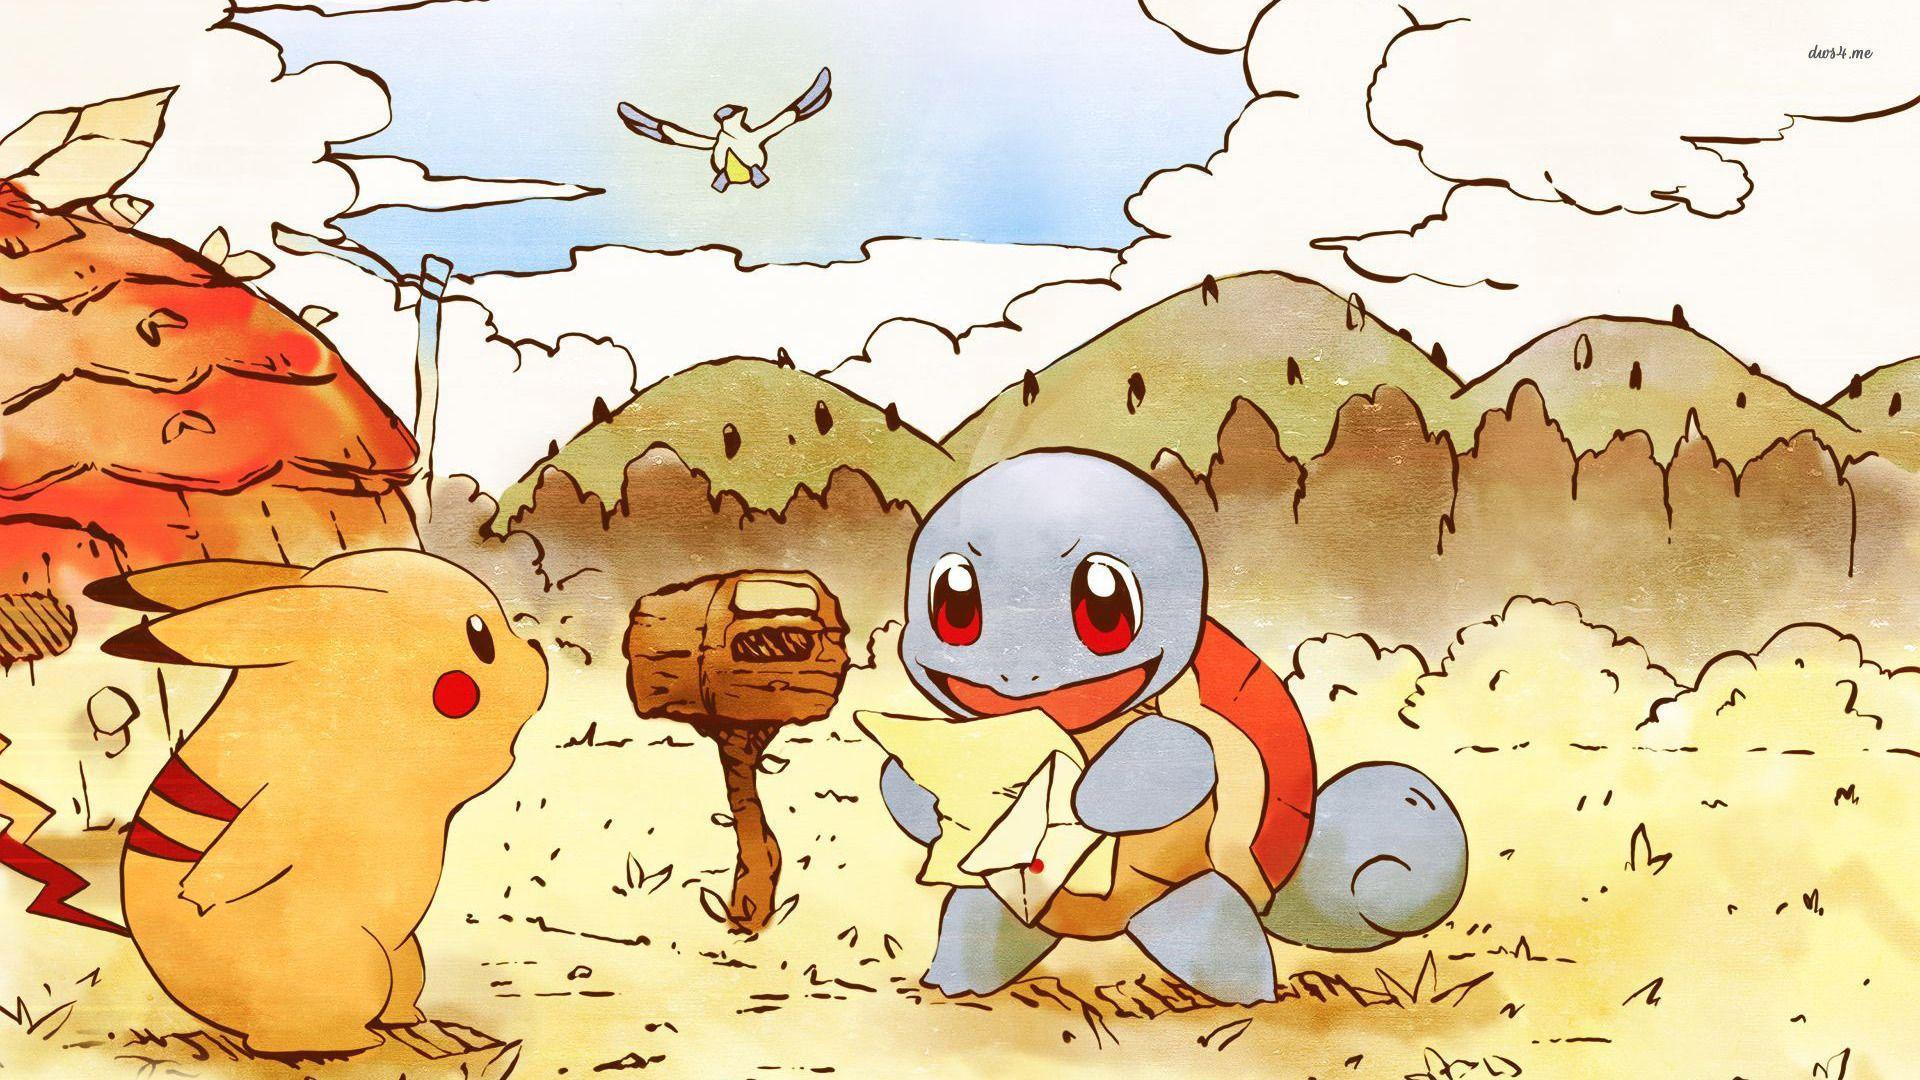 1920x1080 Pikachu hình nền